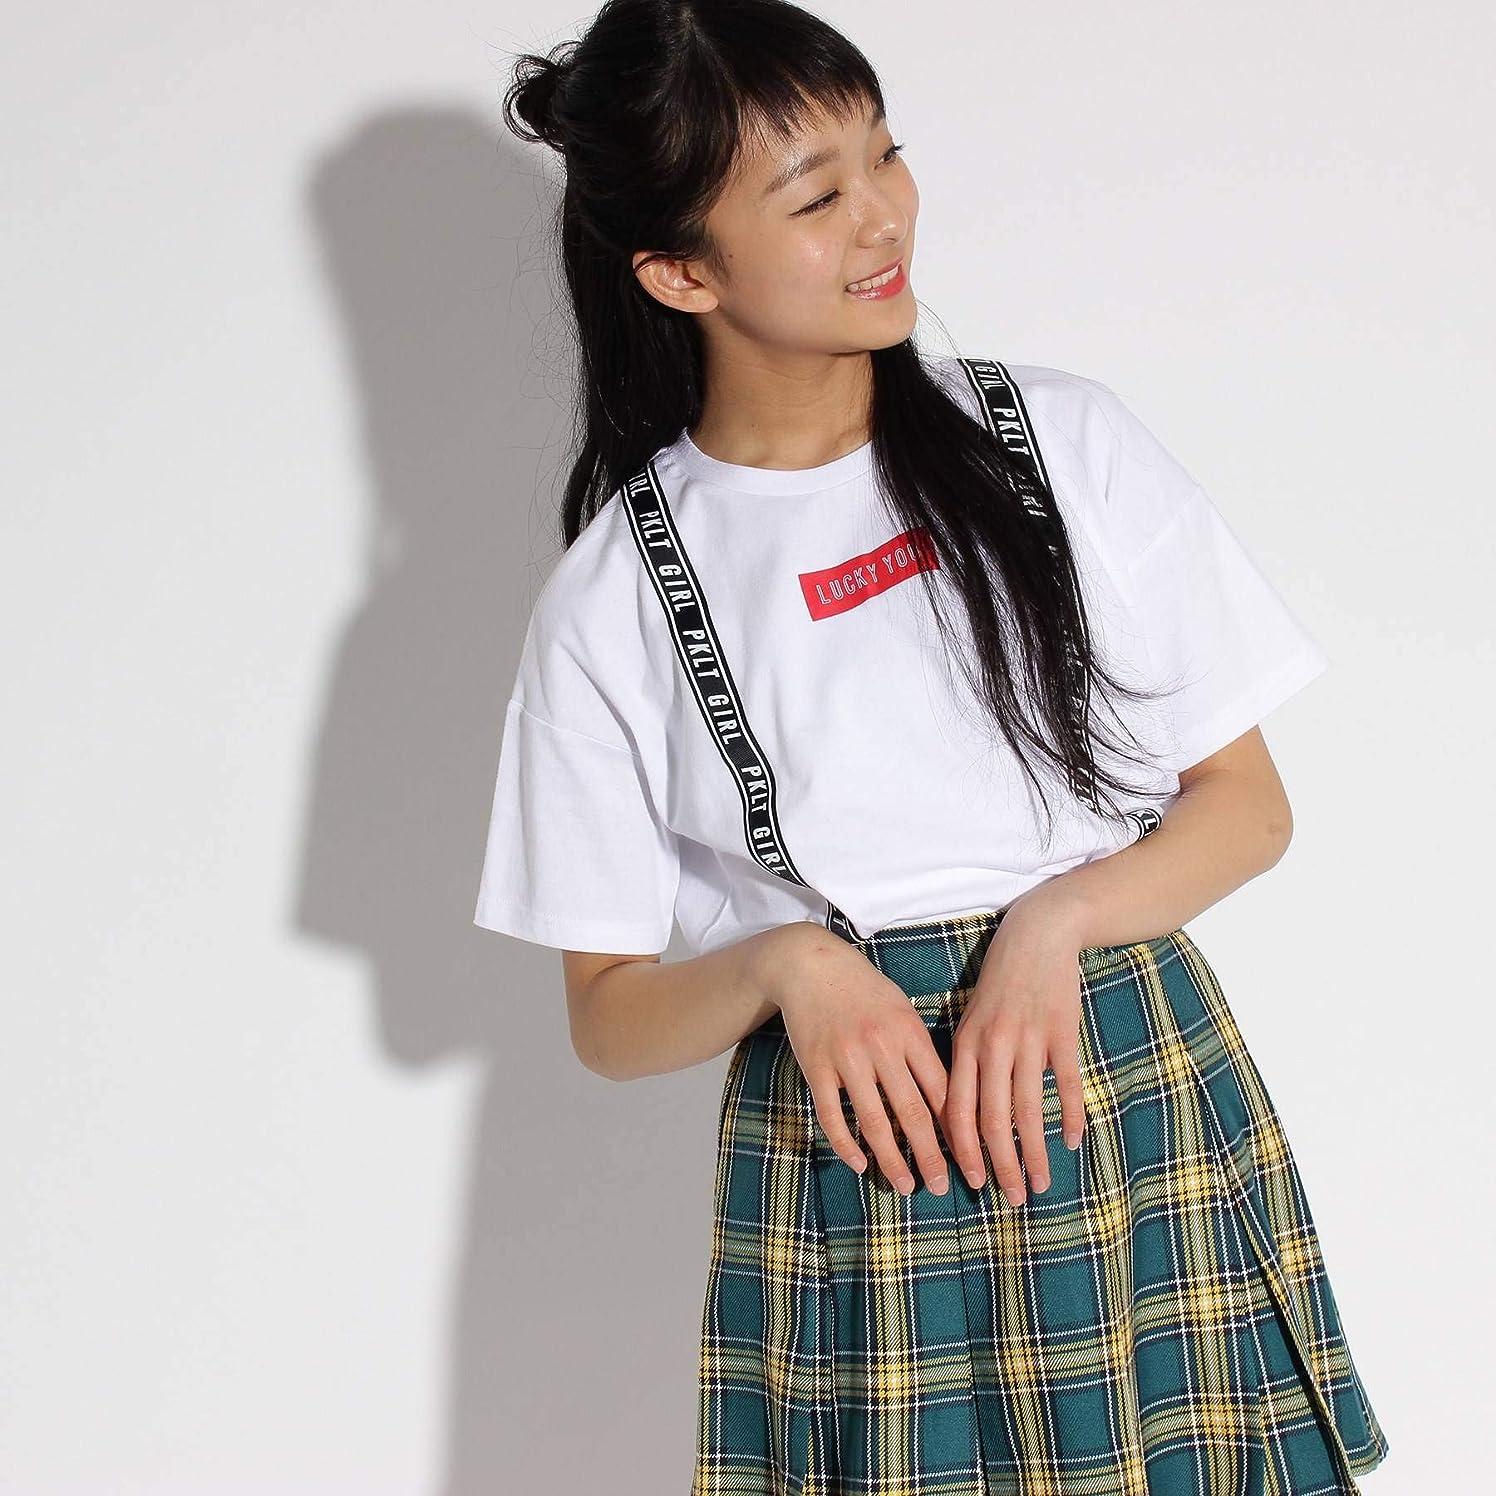 承知しました先のことを考える精査する女の子 ブラックフォーマルワンピース「黒」 ジュニアサイズ 140 150 160 165cm